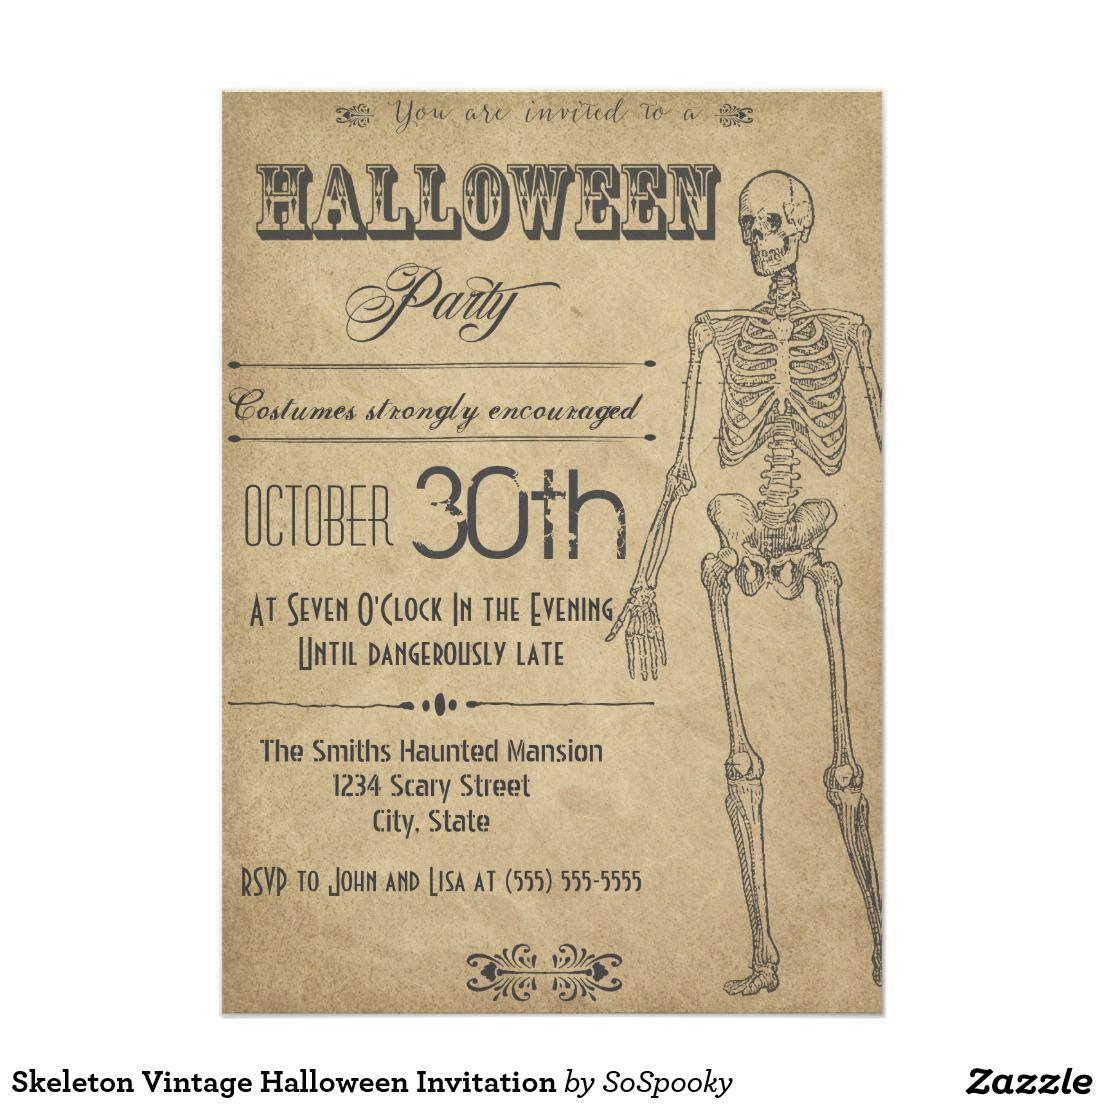 Skeleton vintage halloween invitation halloween invitations skeleton vintage halloween invitation stopboris Images